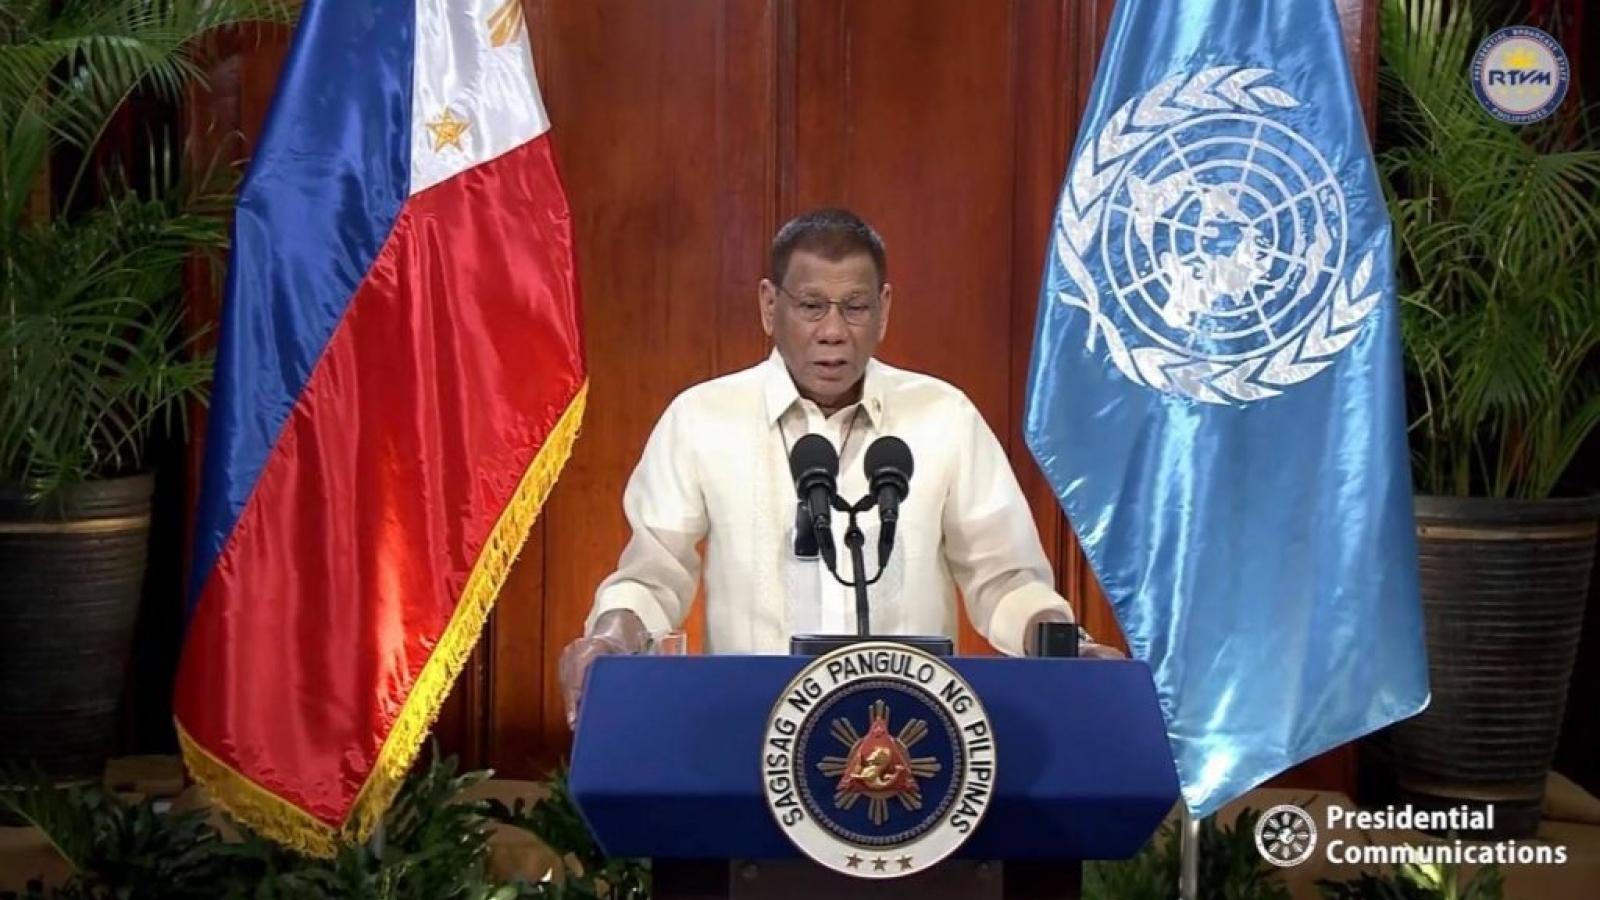 Tổng thống Philippines bảo vệ phán quyết Biển Đông và cuộc chiến chống ma túy